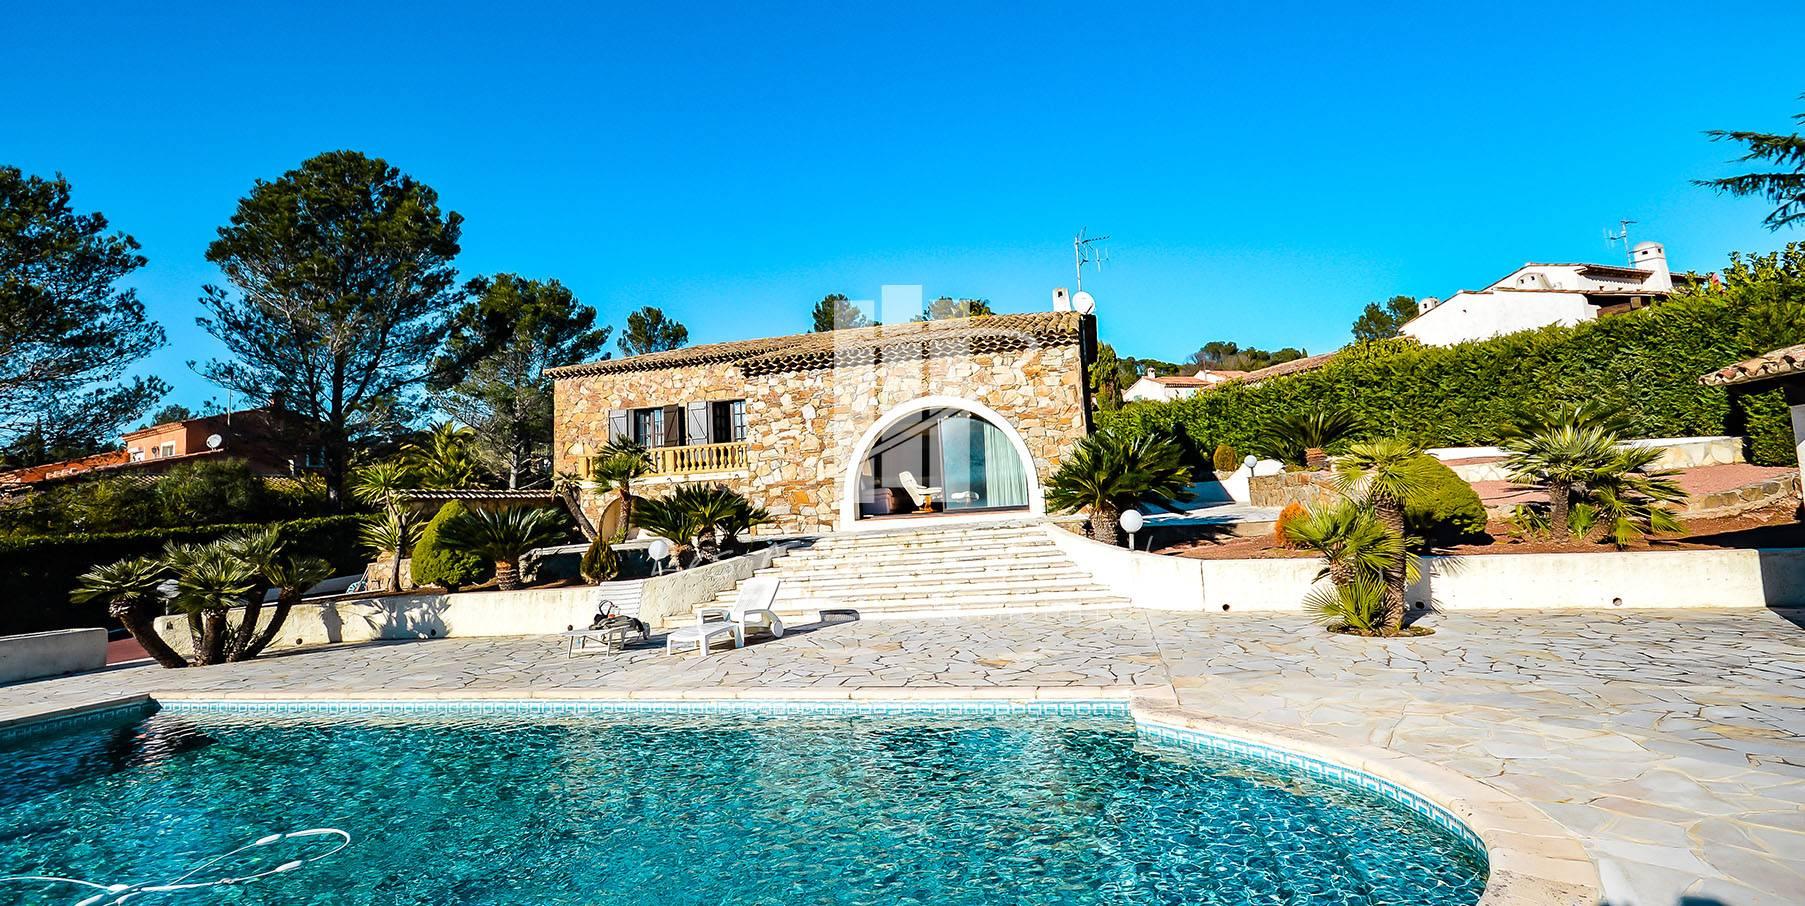 Vente De Villa Contemporaine Avec Piscine Fréjus Tour De ... avec Maison Avec Piscine A Vendre